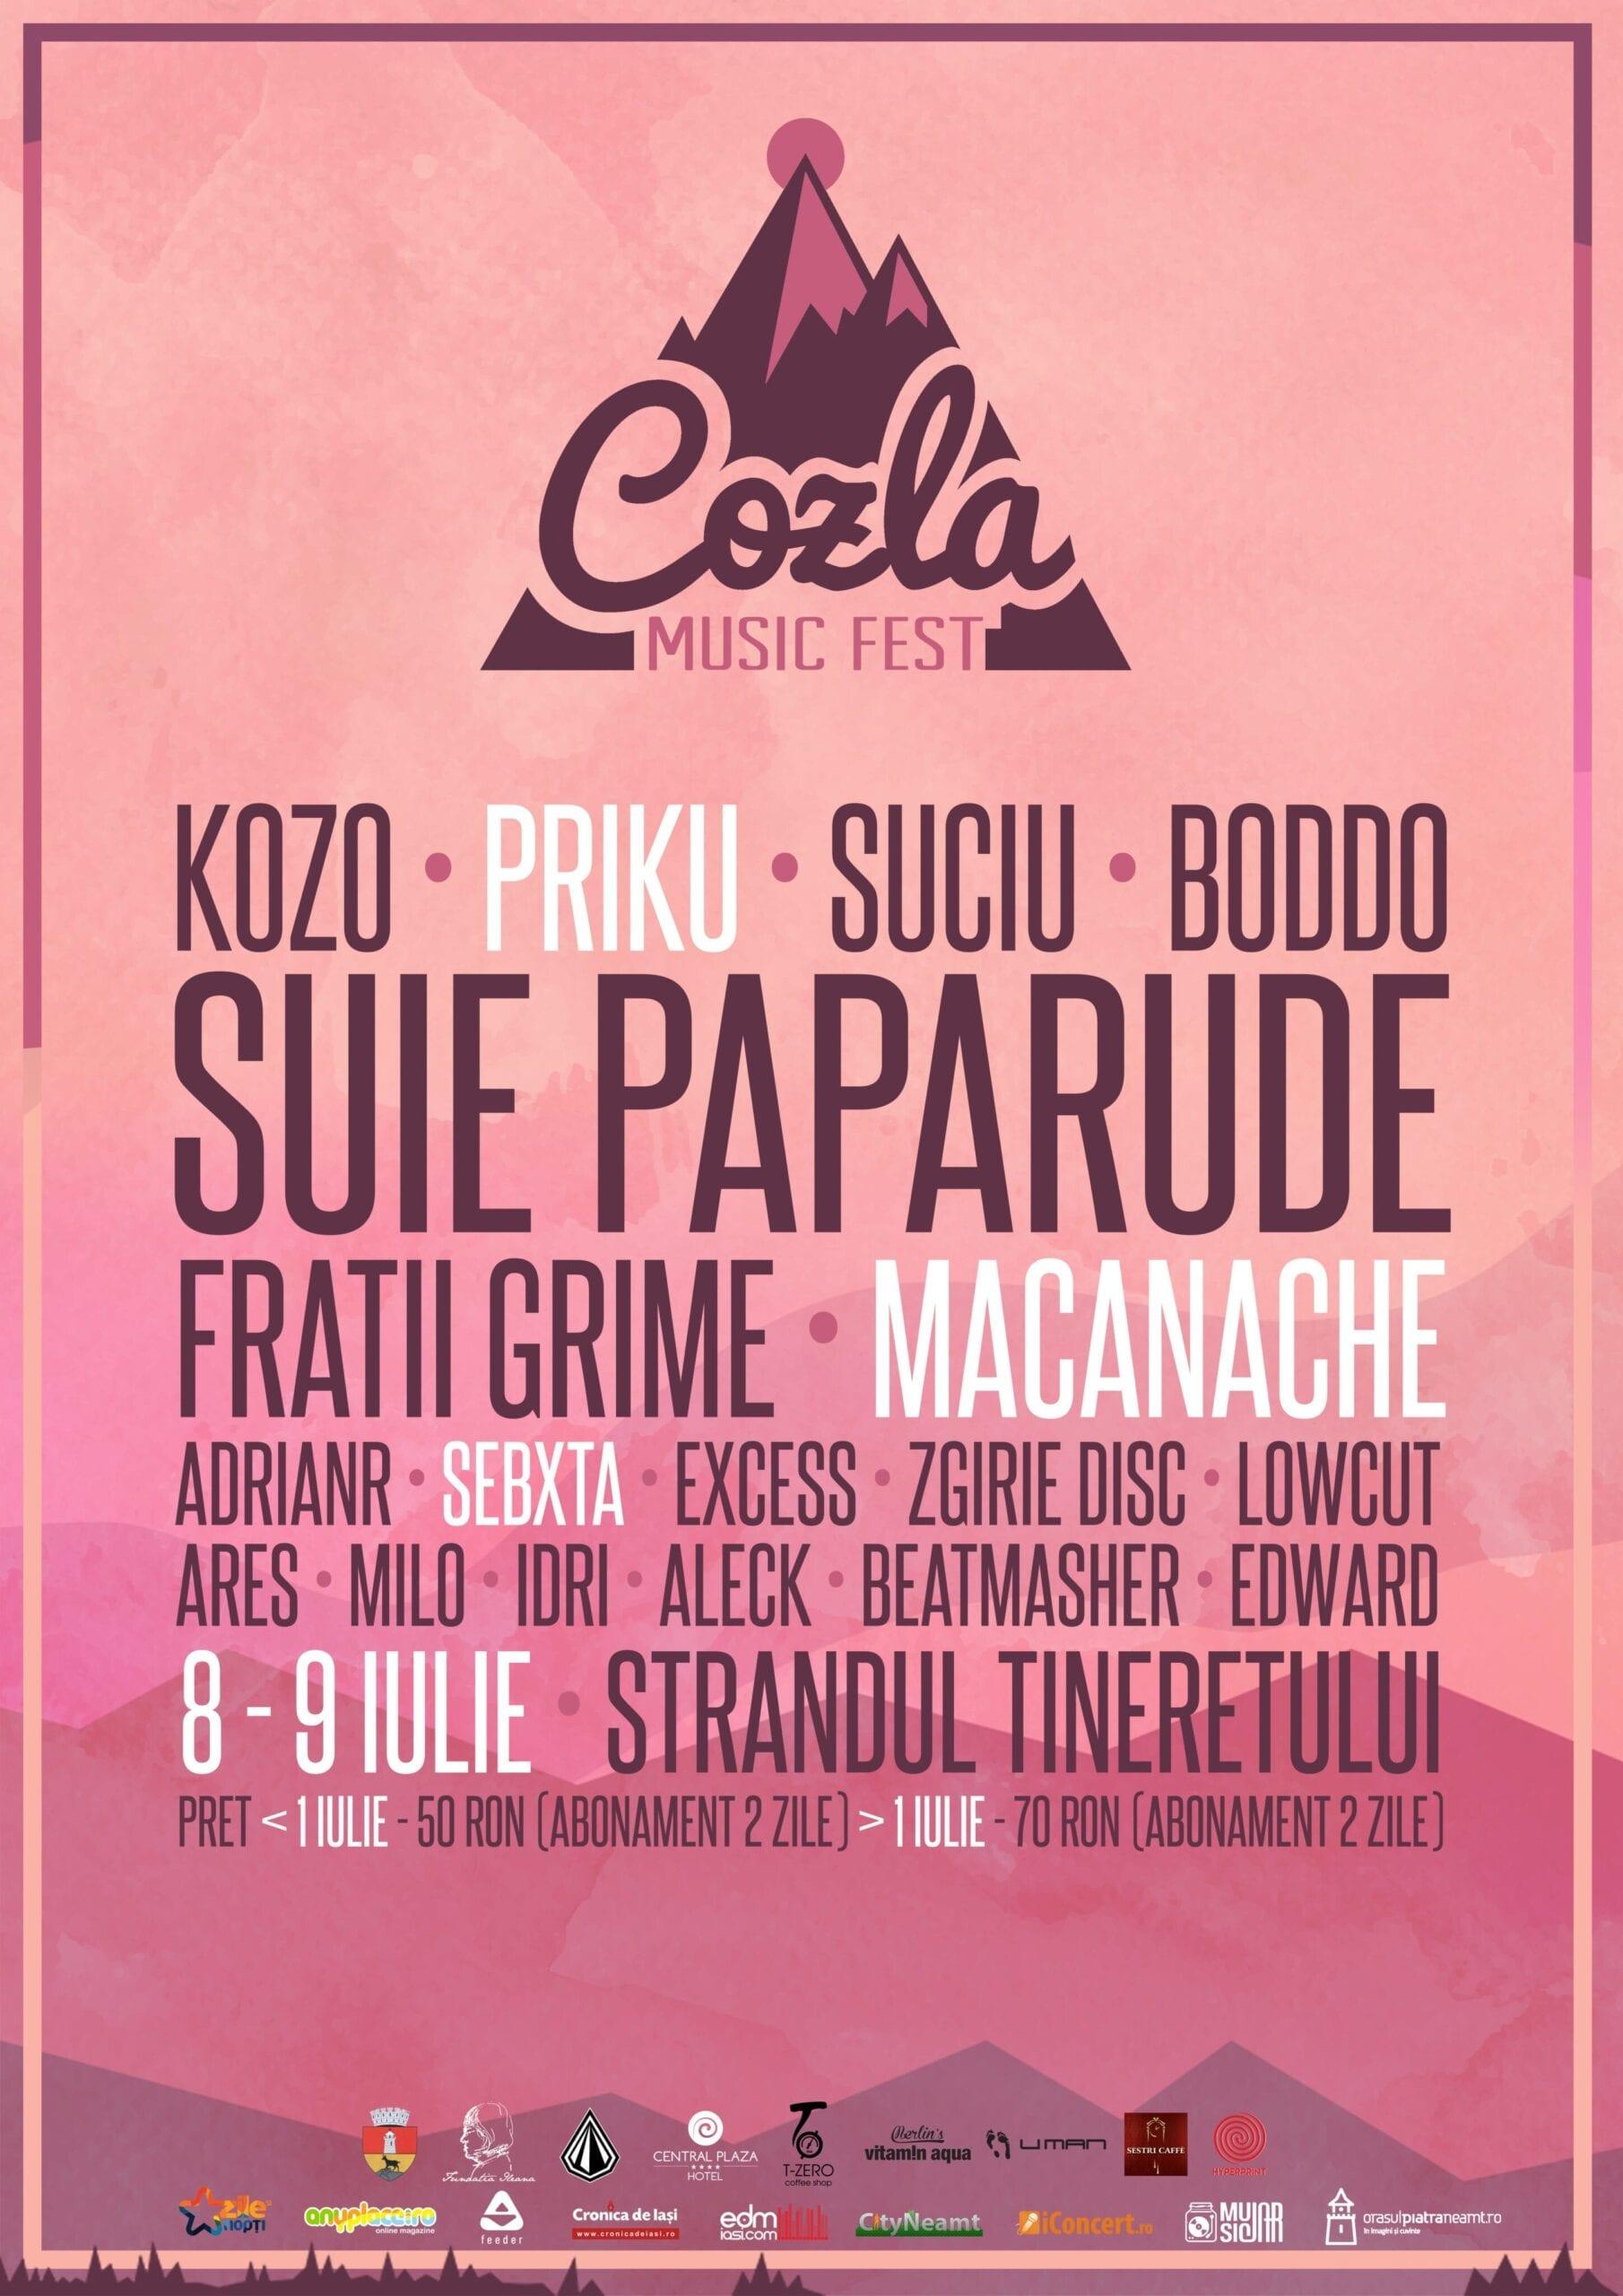 Cozla Fest 5 @ Ștrandul Tineretului